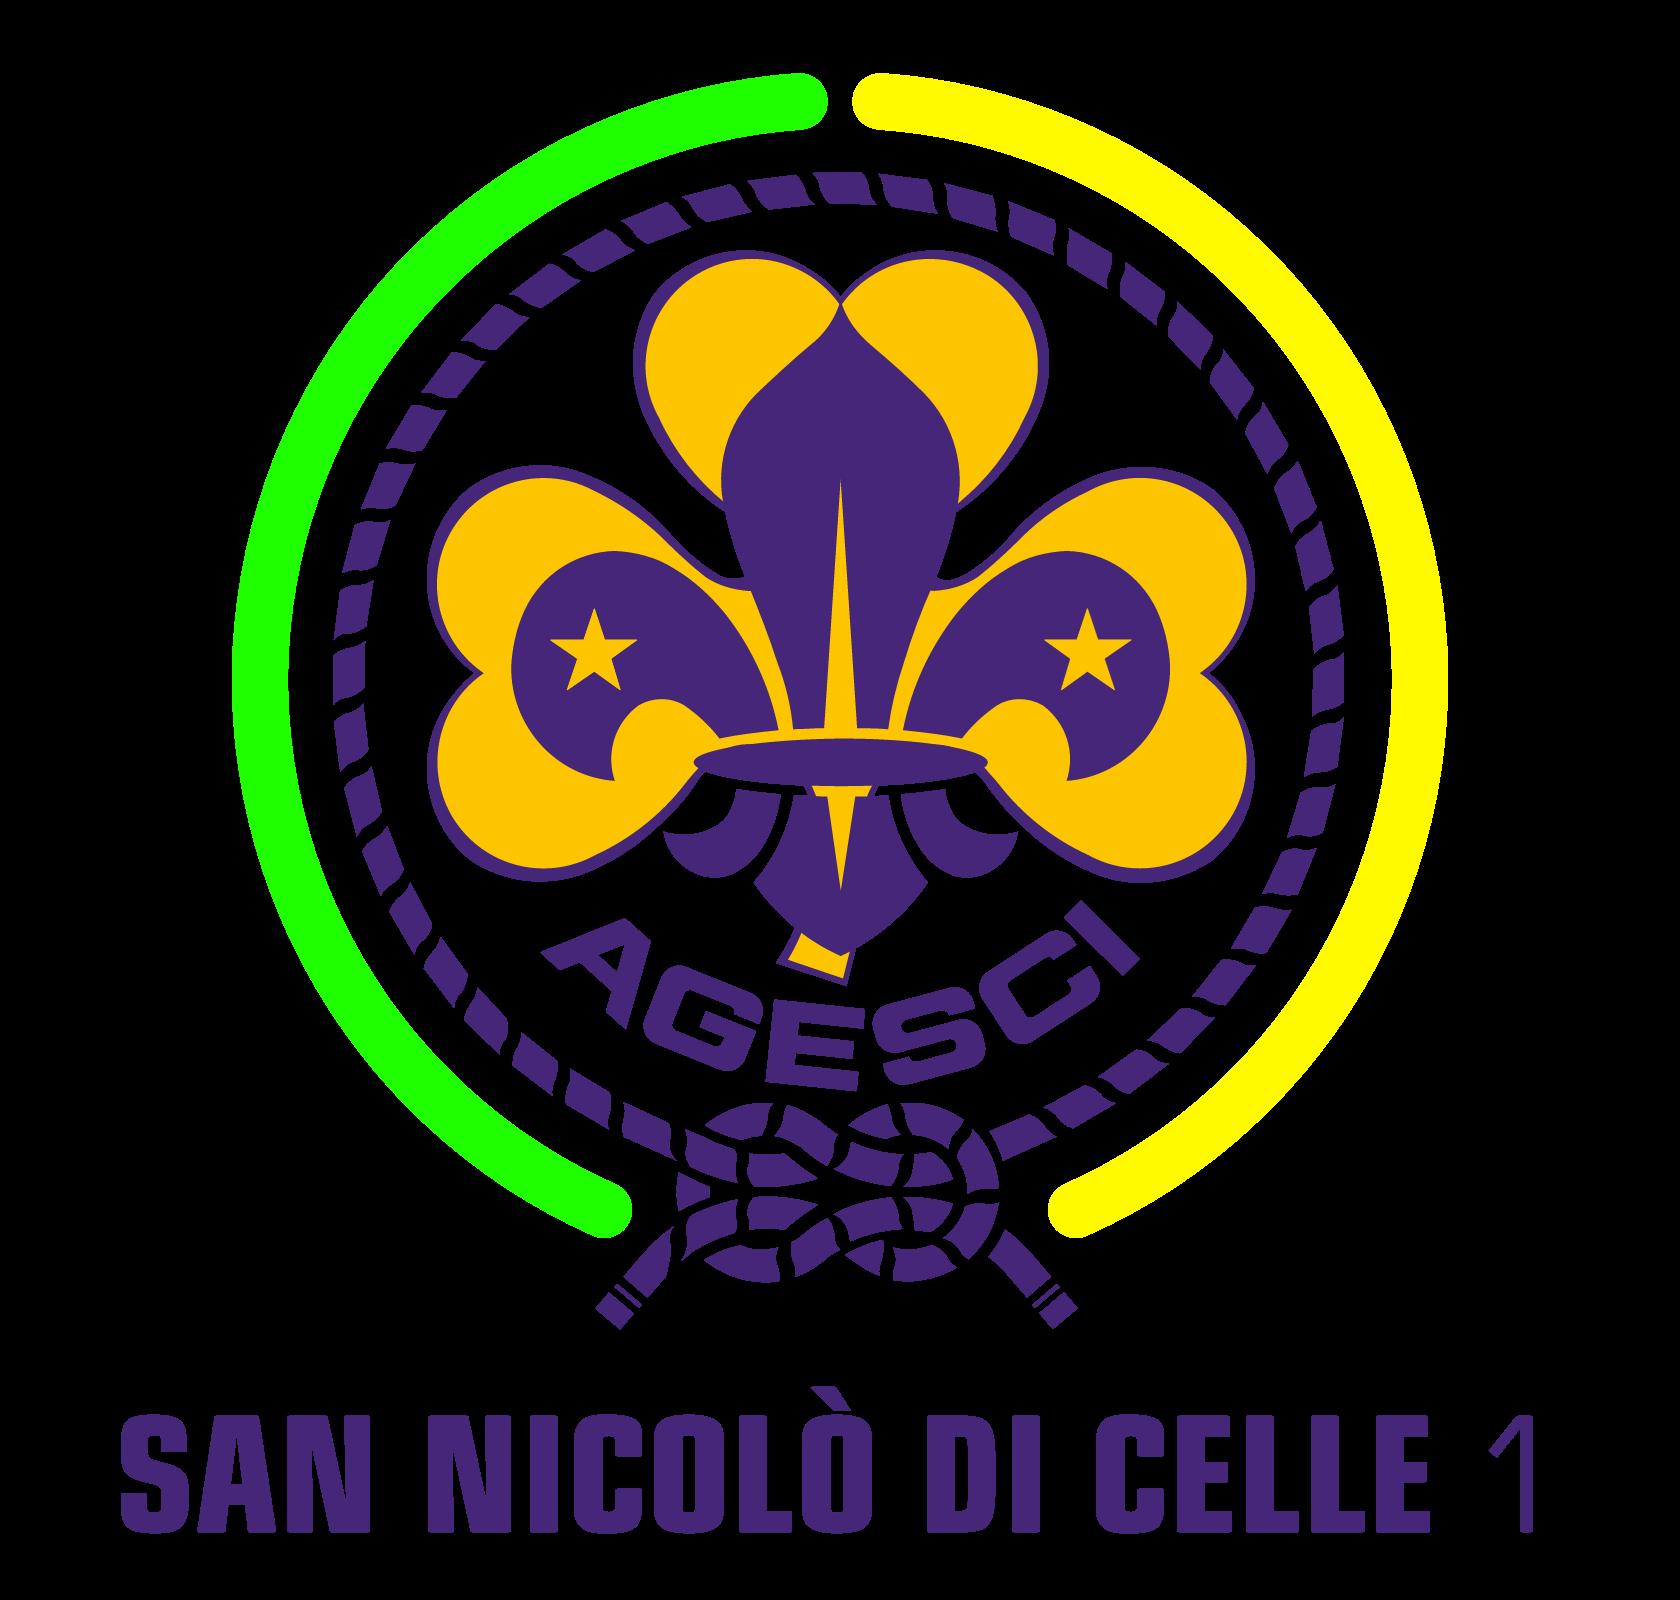 Gruppo Scout San Nicolò di Celle 1